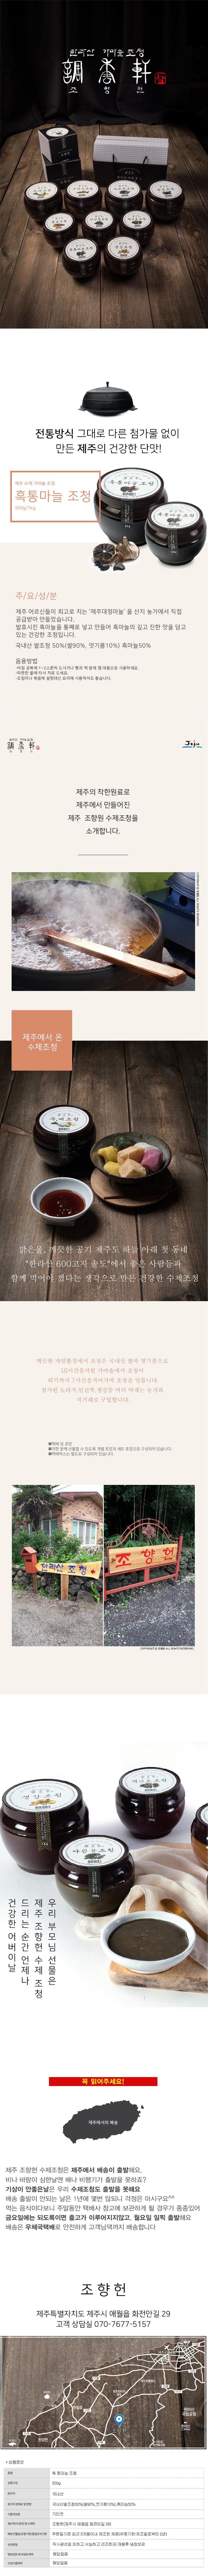 johyahuen_page_tonghukmanul_500g.jpg